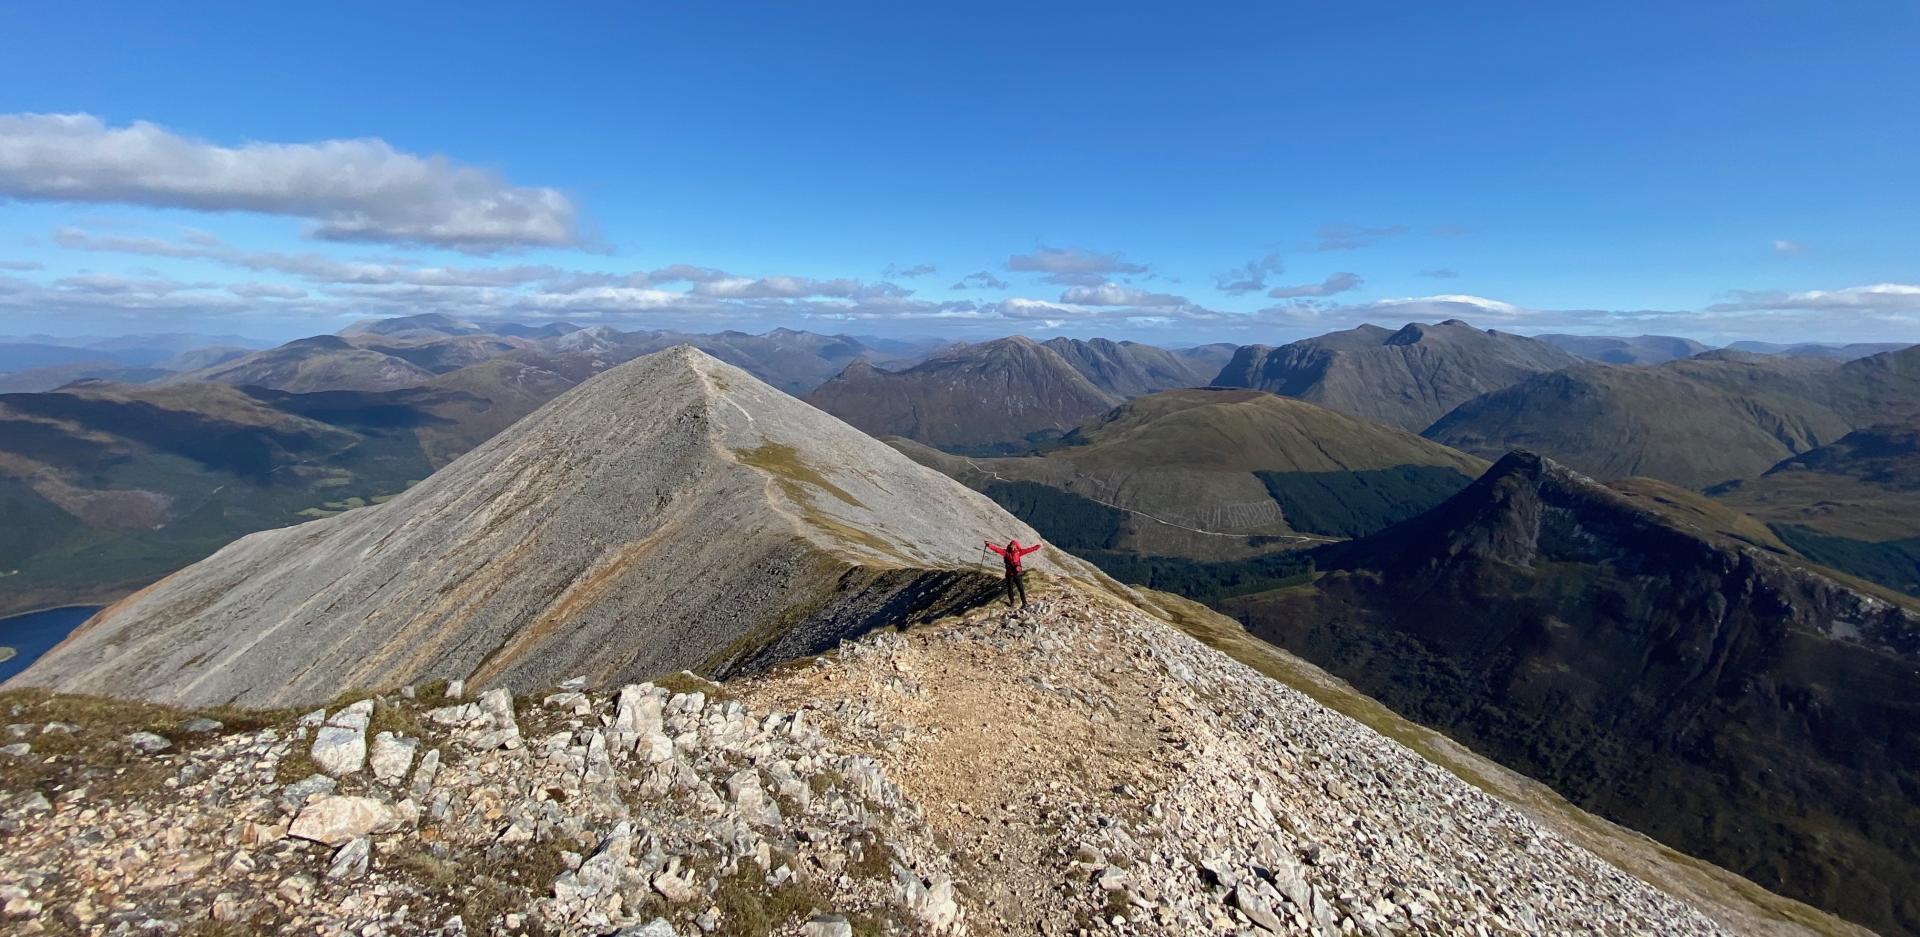 Wandern Schottland Covid-19 Reisekonzept